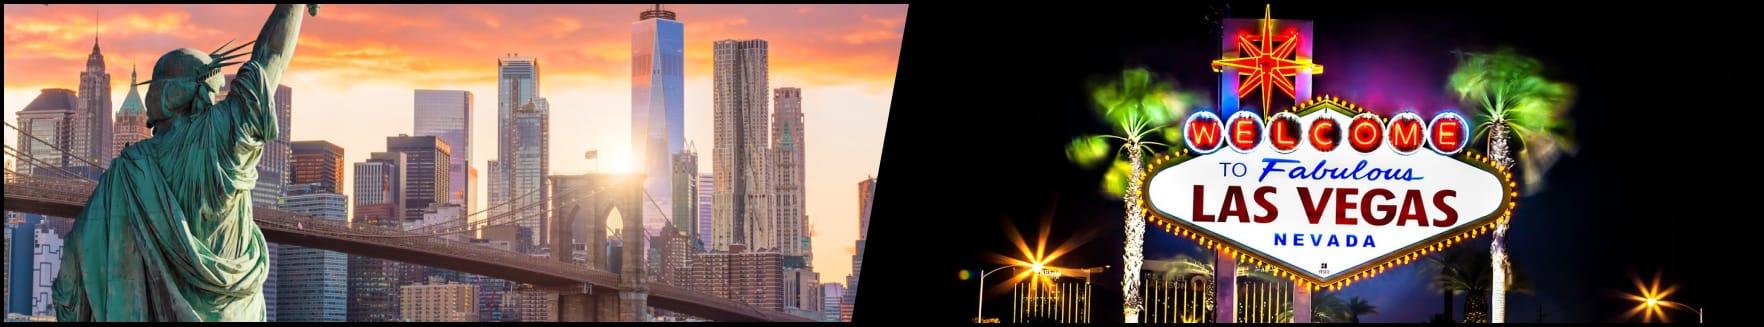 New York - Las Vegas